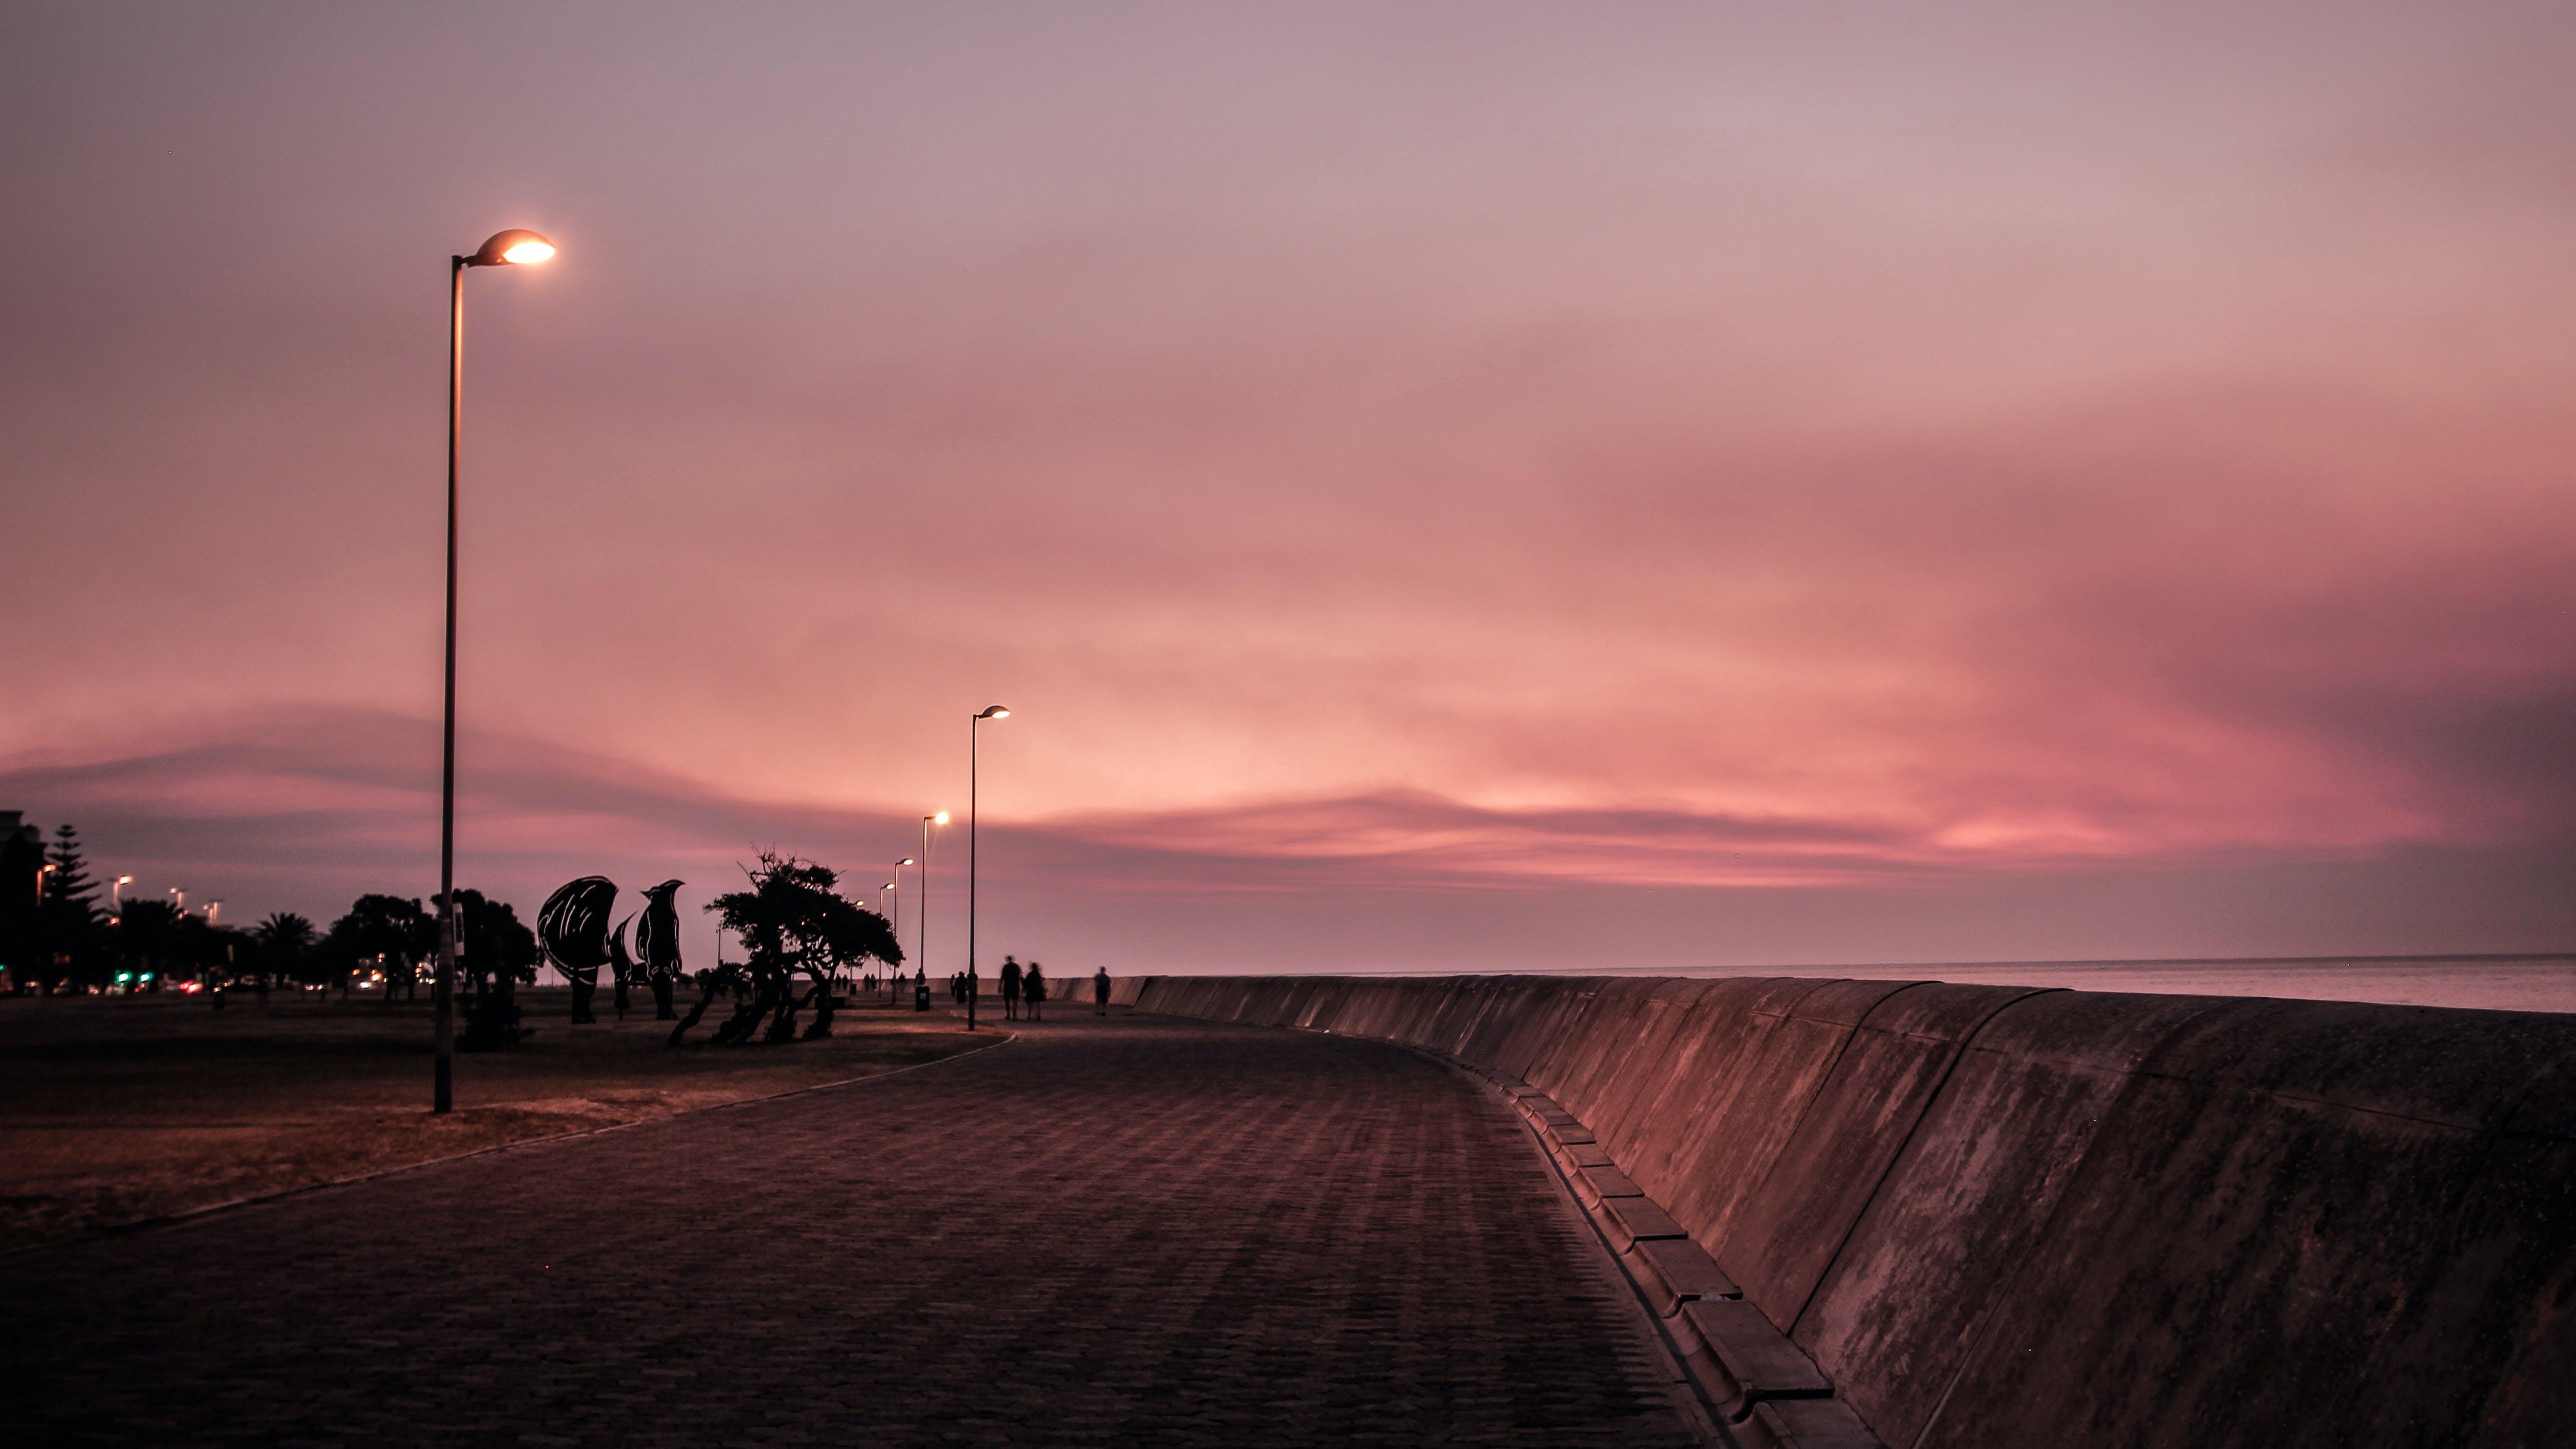 Kostnadsfri bild av betong, gyllene timmen, hav, himmel